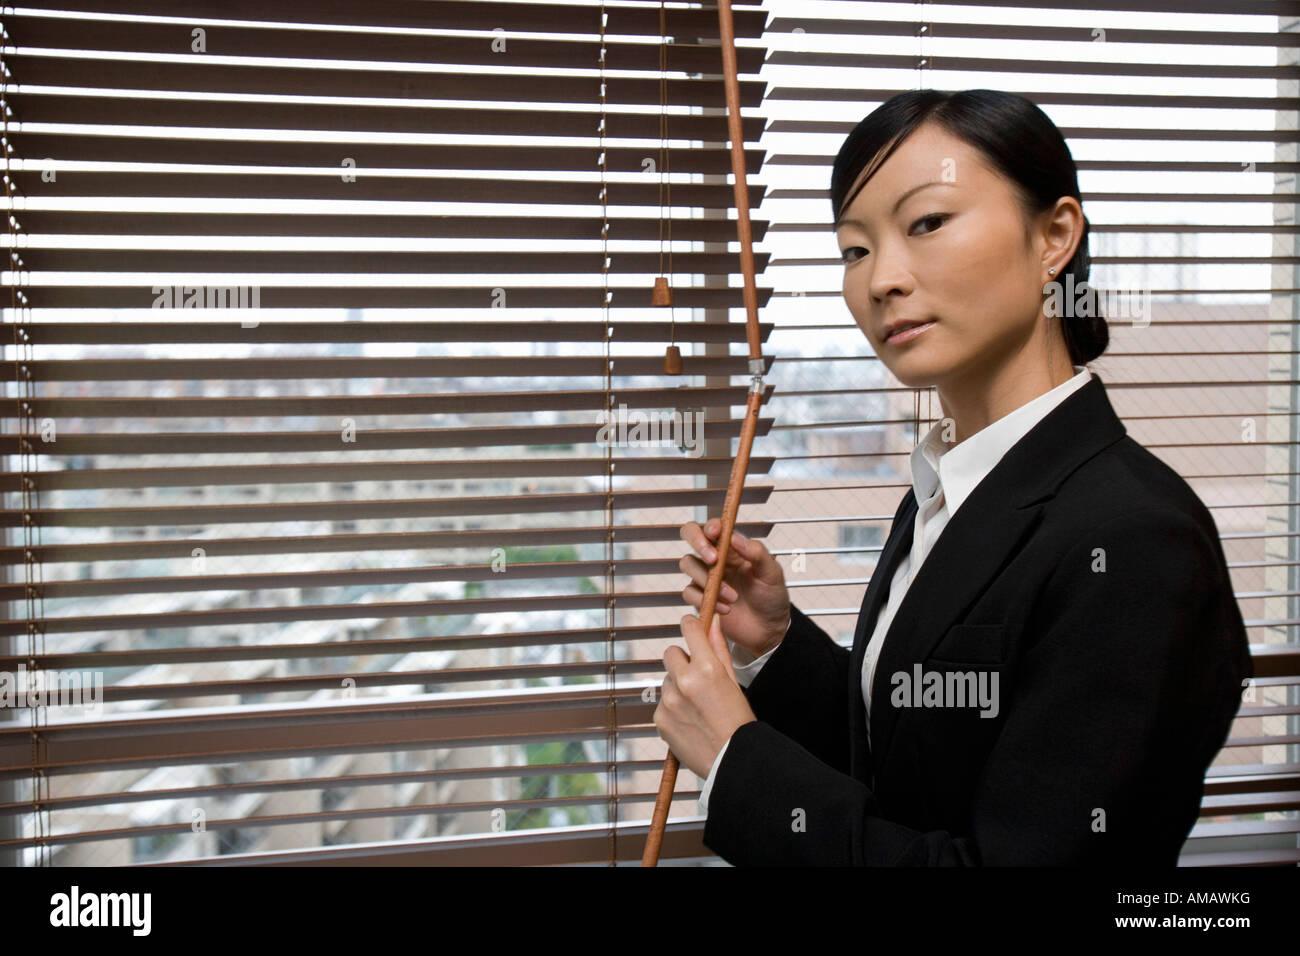 Eine Geschäftsfrau öffnenden Fenster Jalousien Stockbild